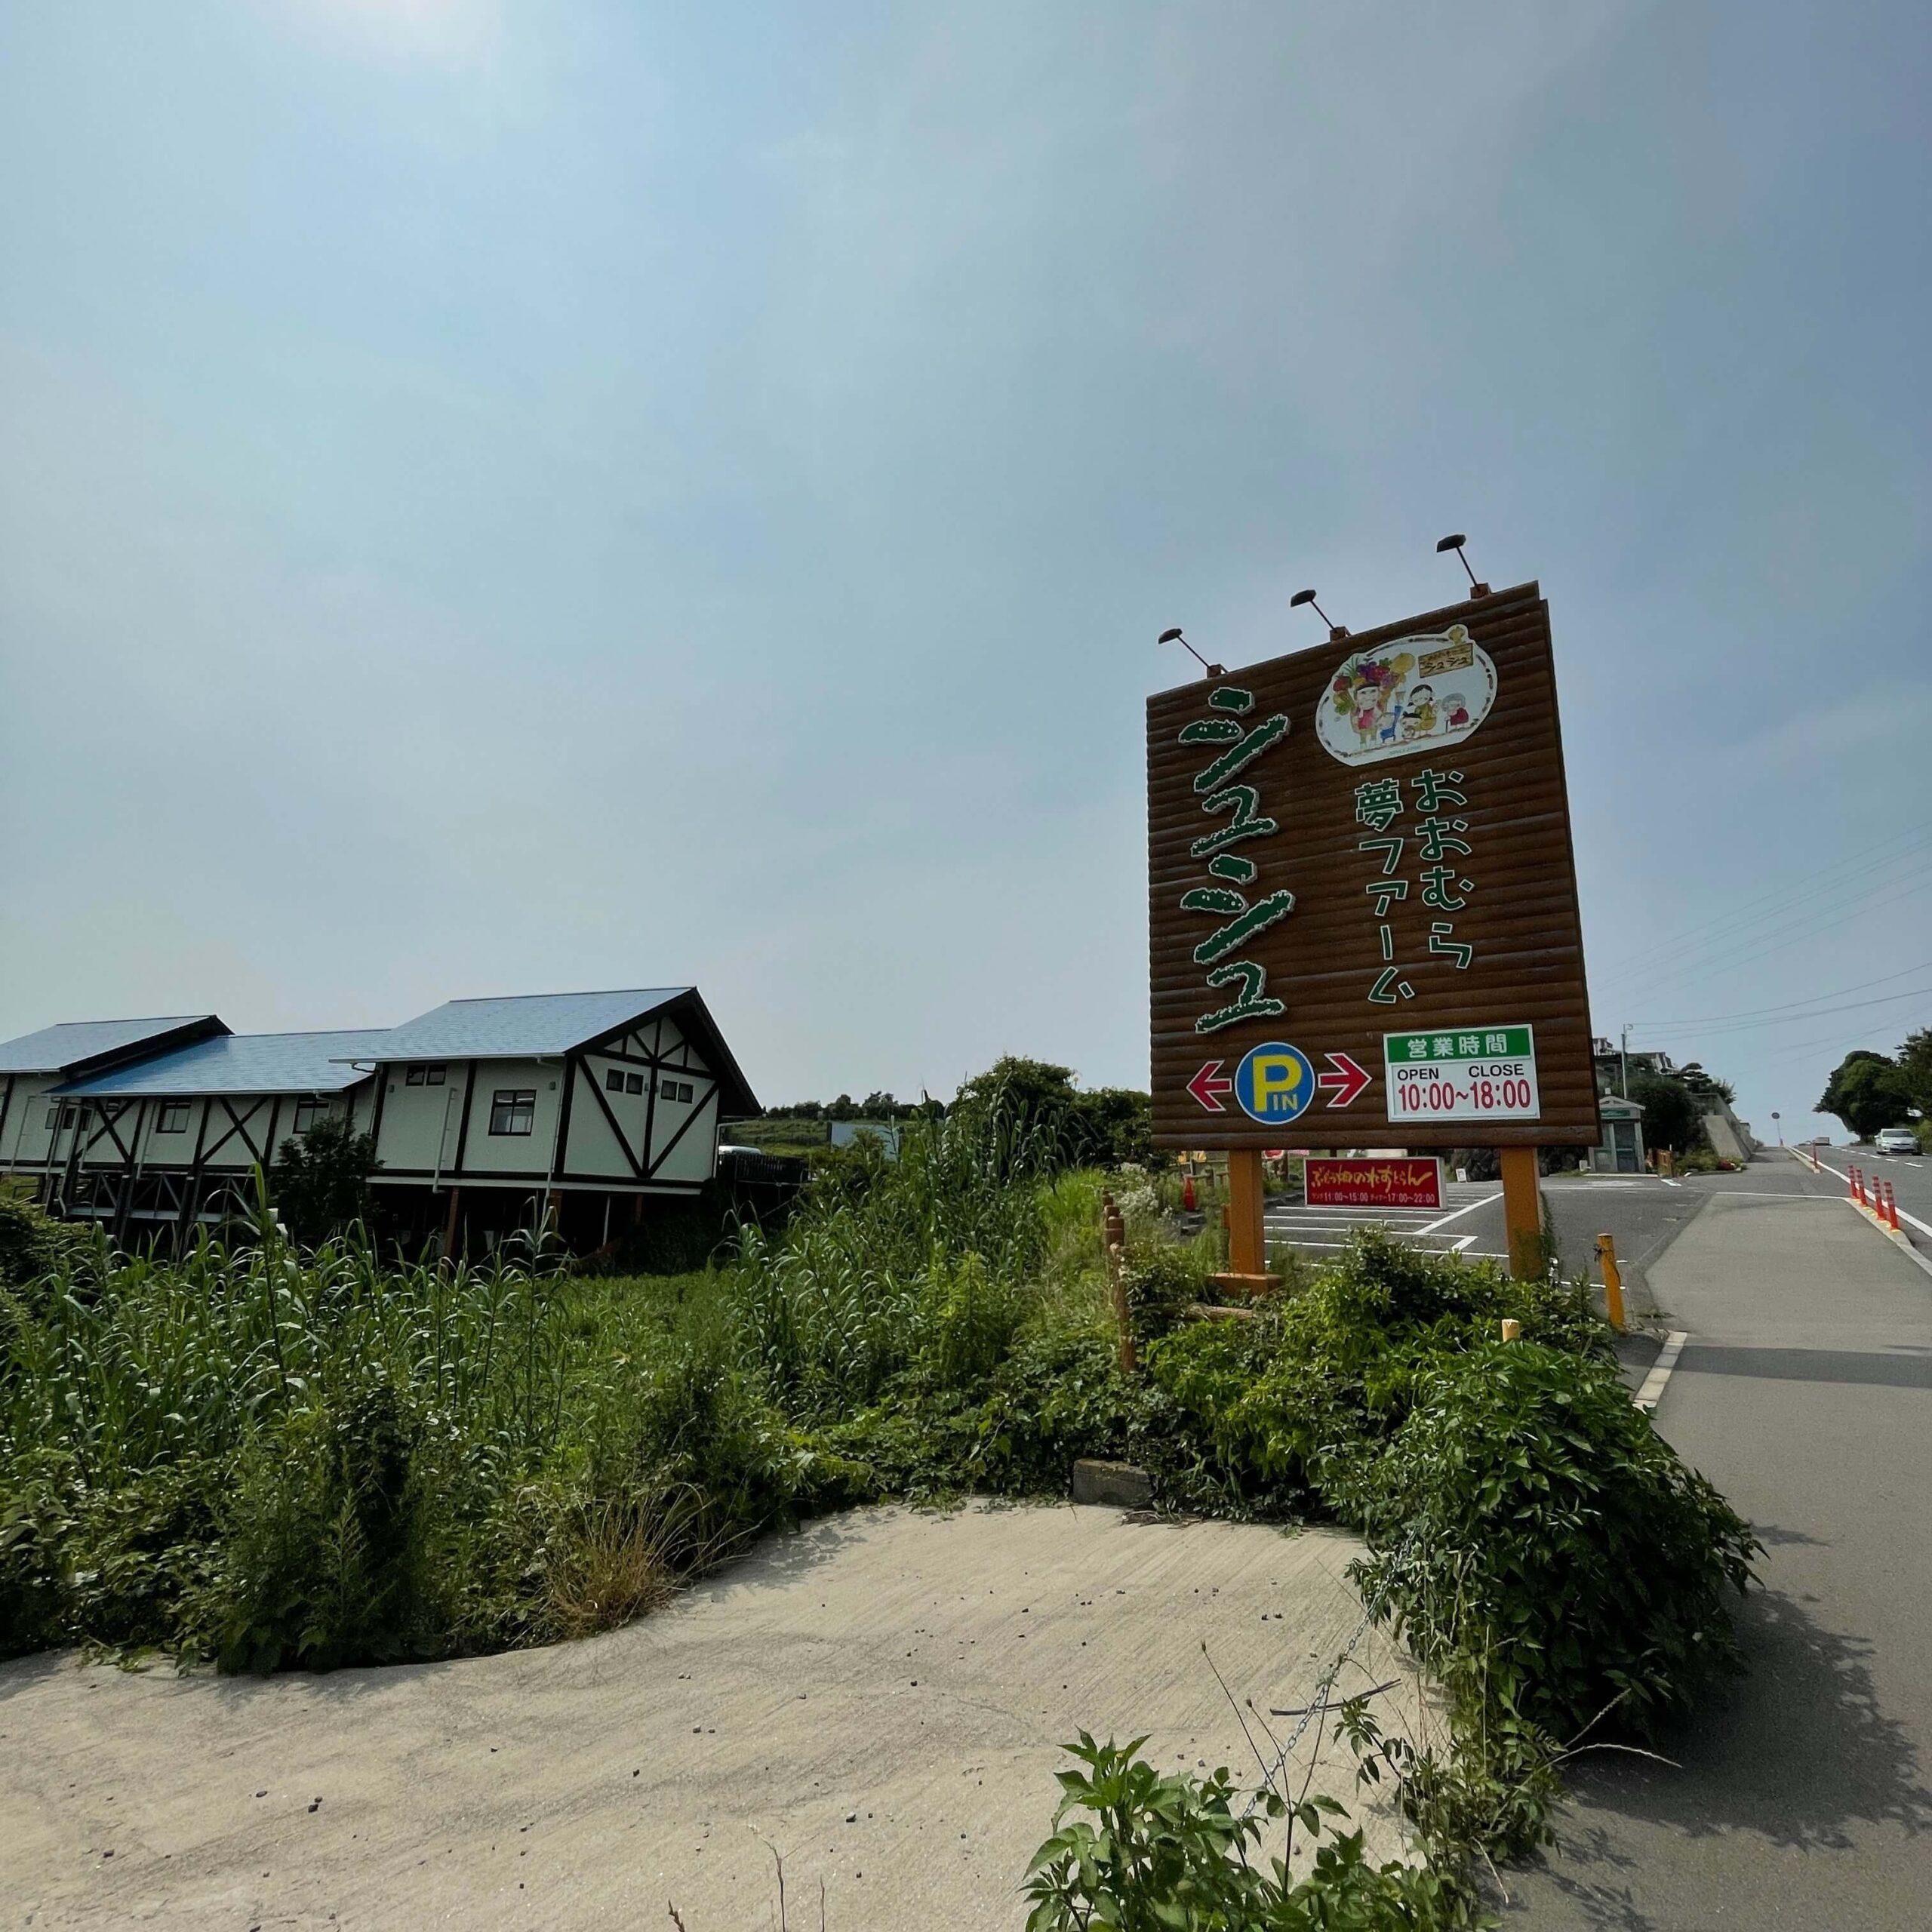 大村市新築建売住宅「OURS福重町」周辺環境